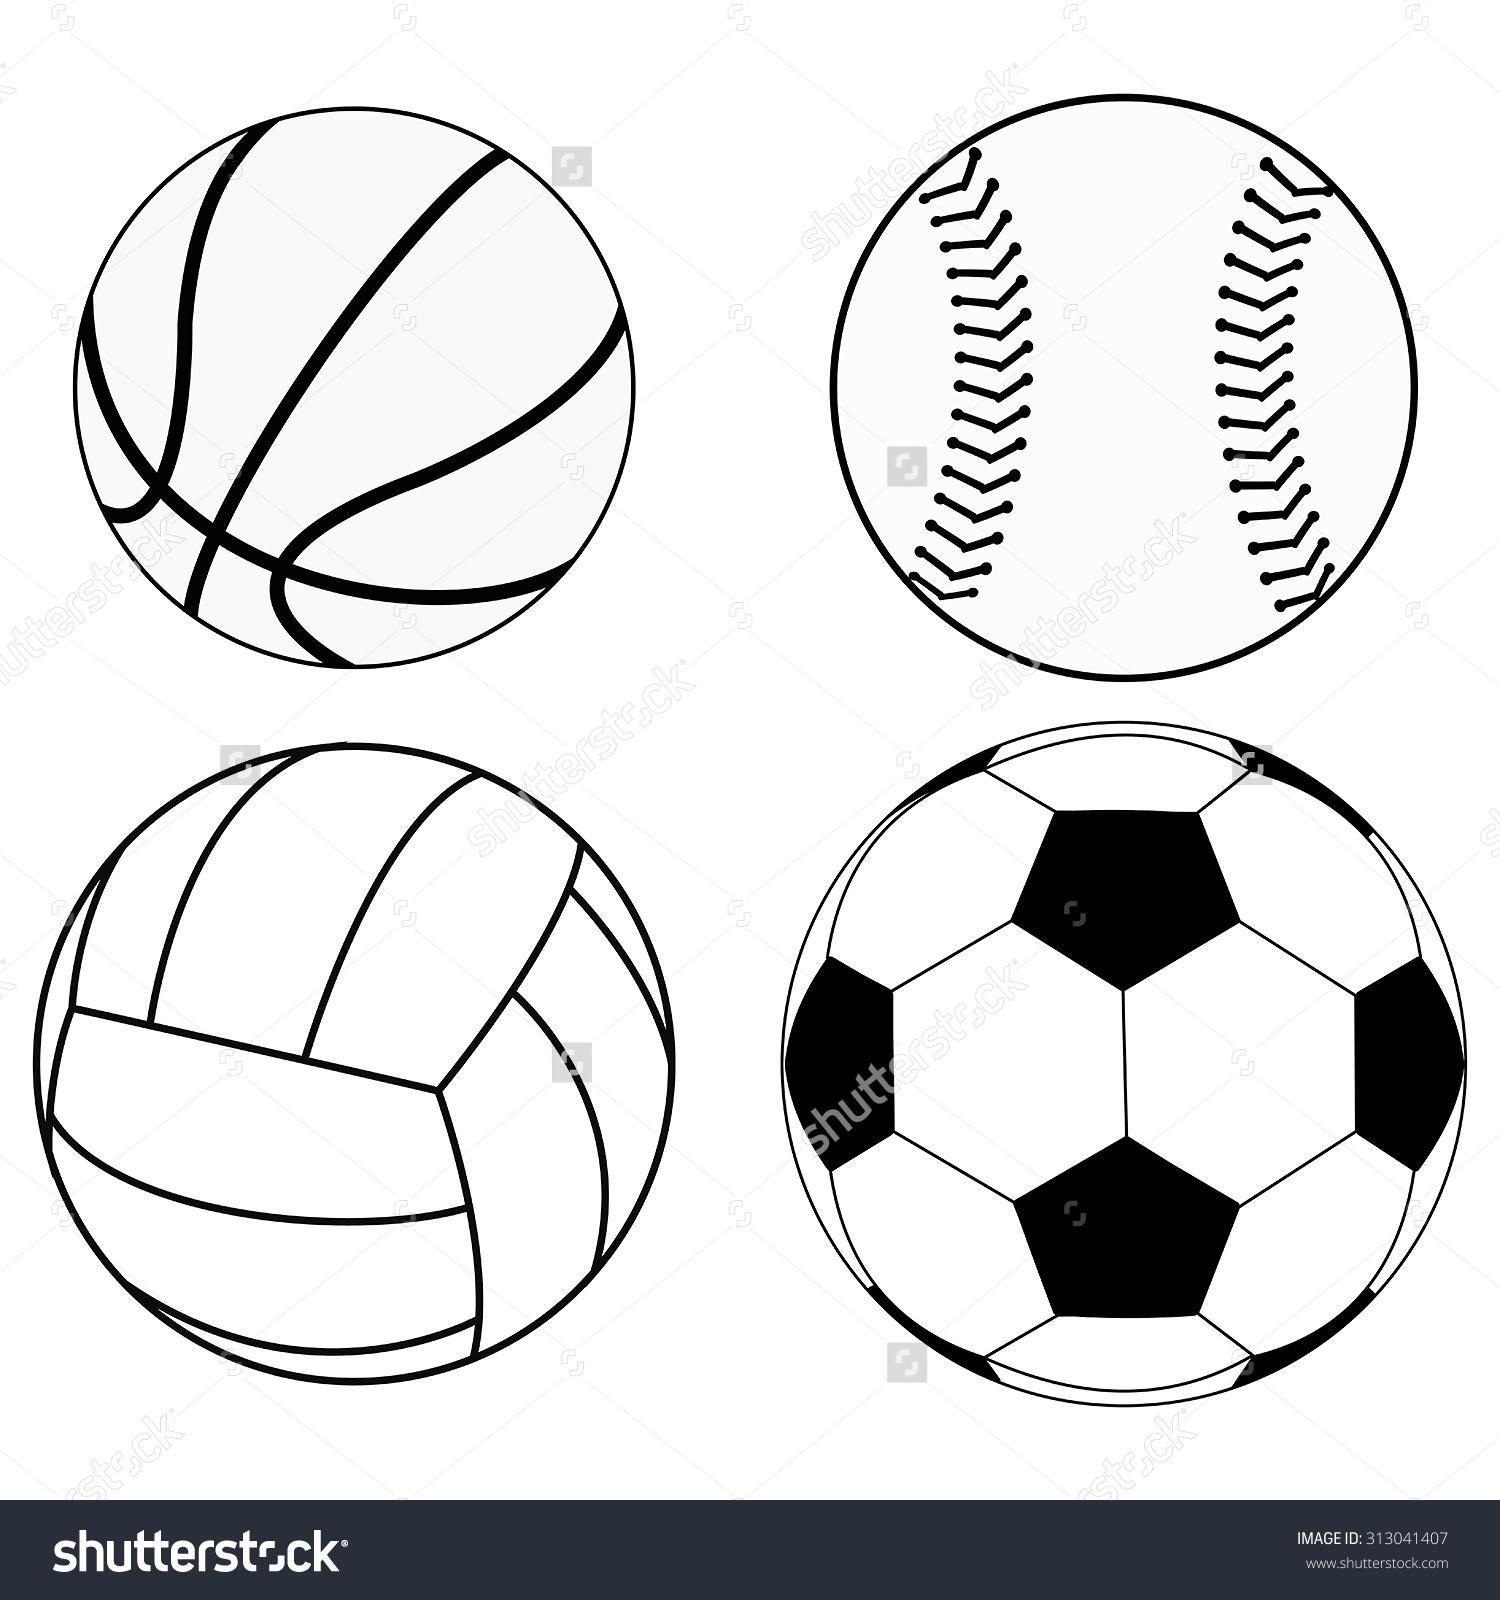 1500x1600 Printable Soccer Ball Drawing